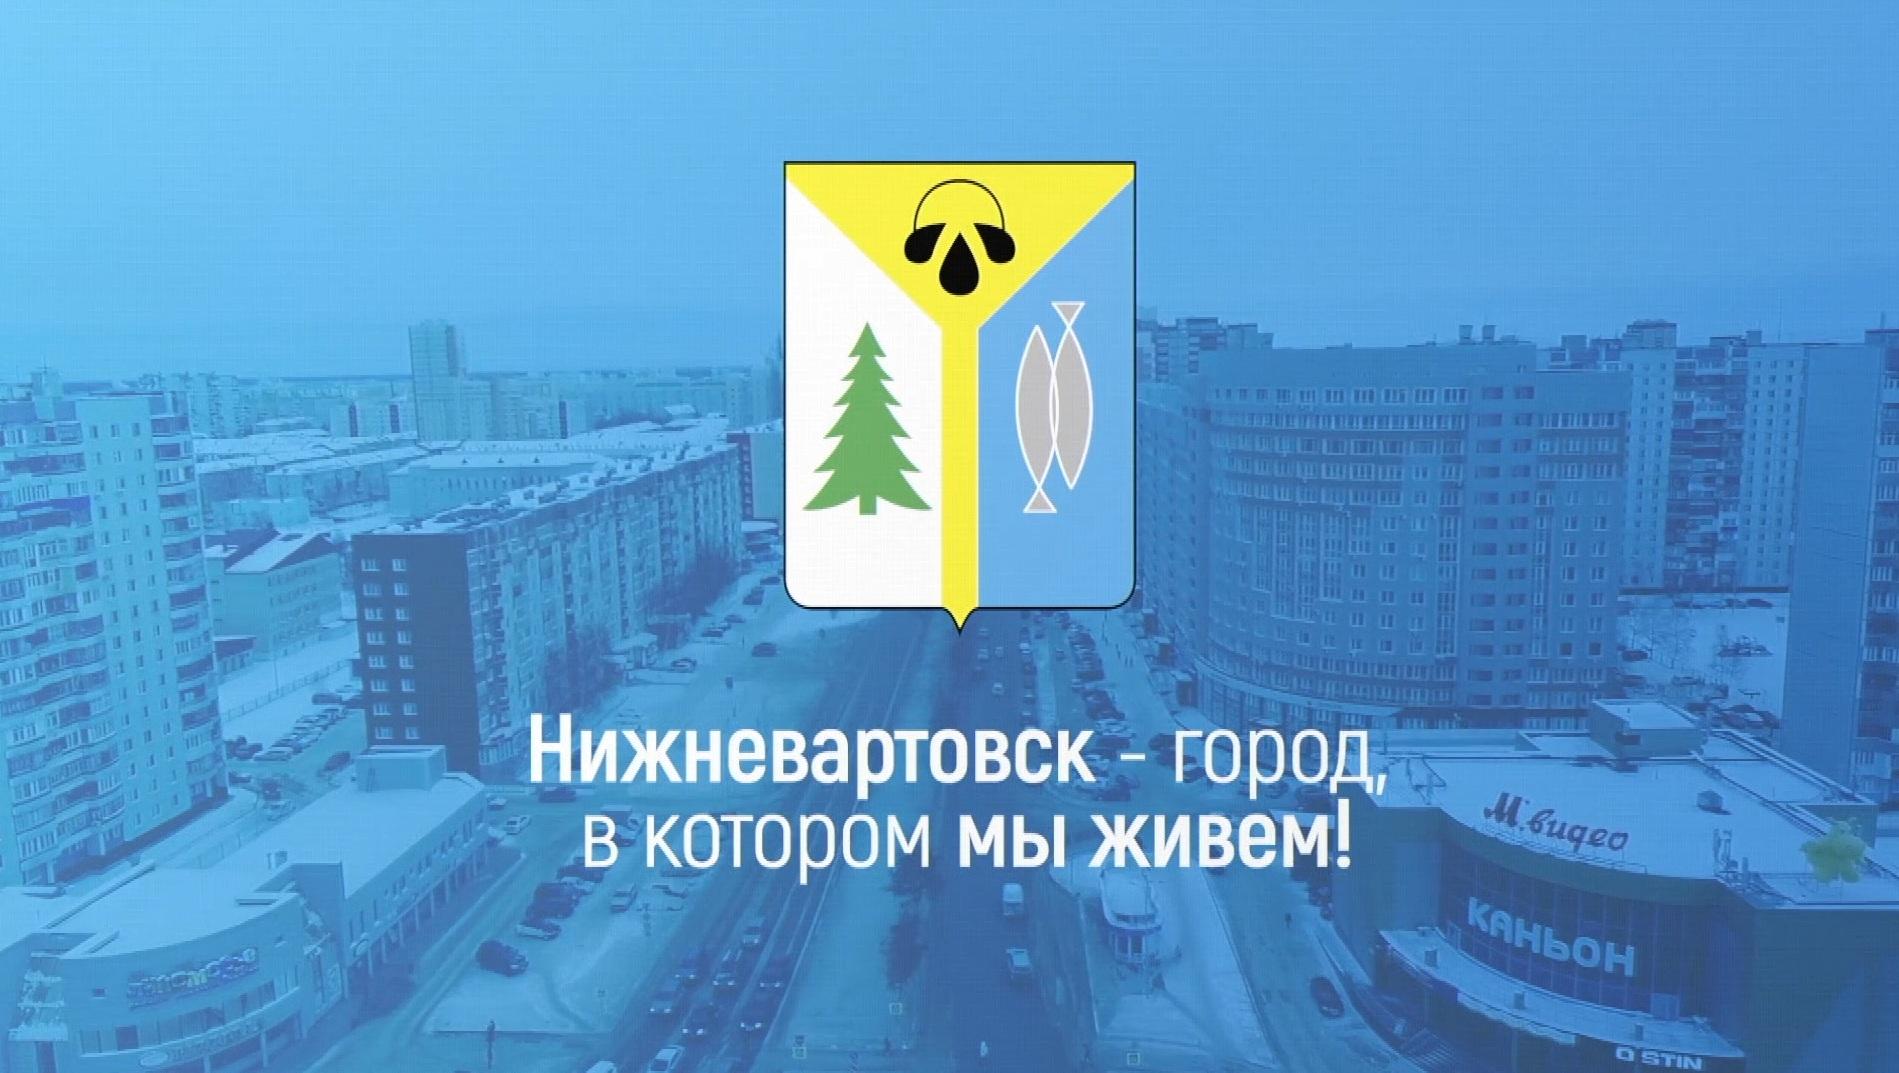 Актуализация схемы теплоснабжения города Нижневартовска